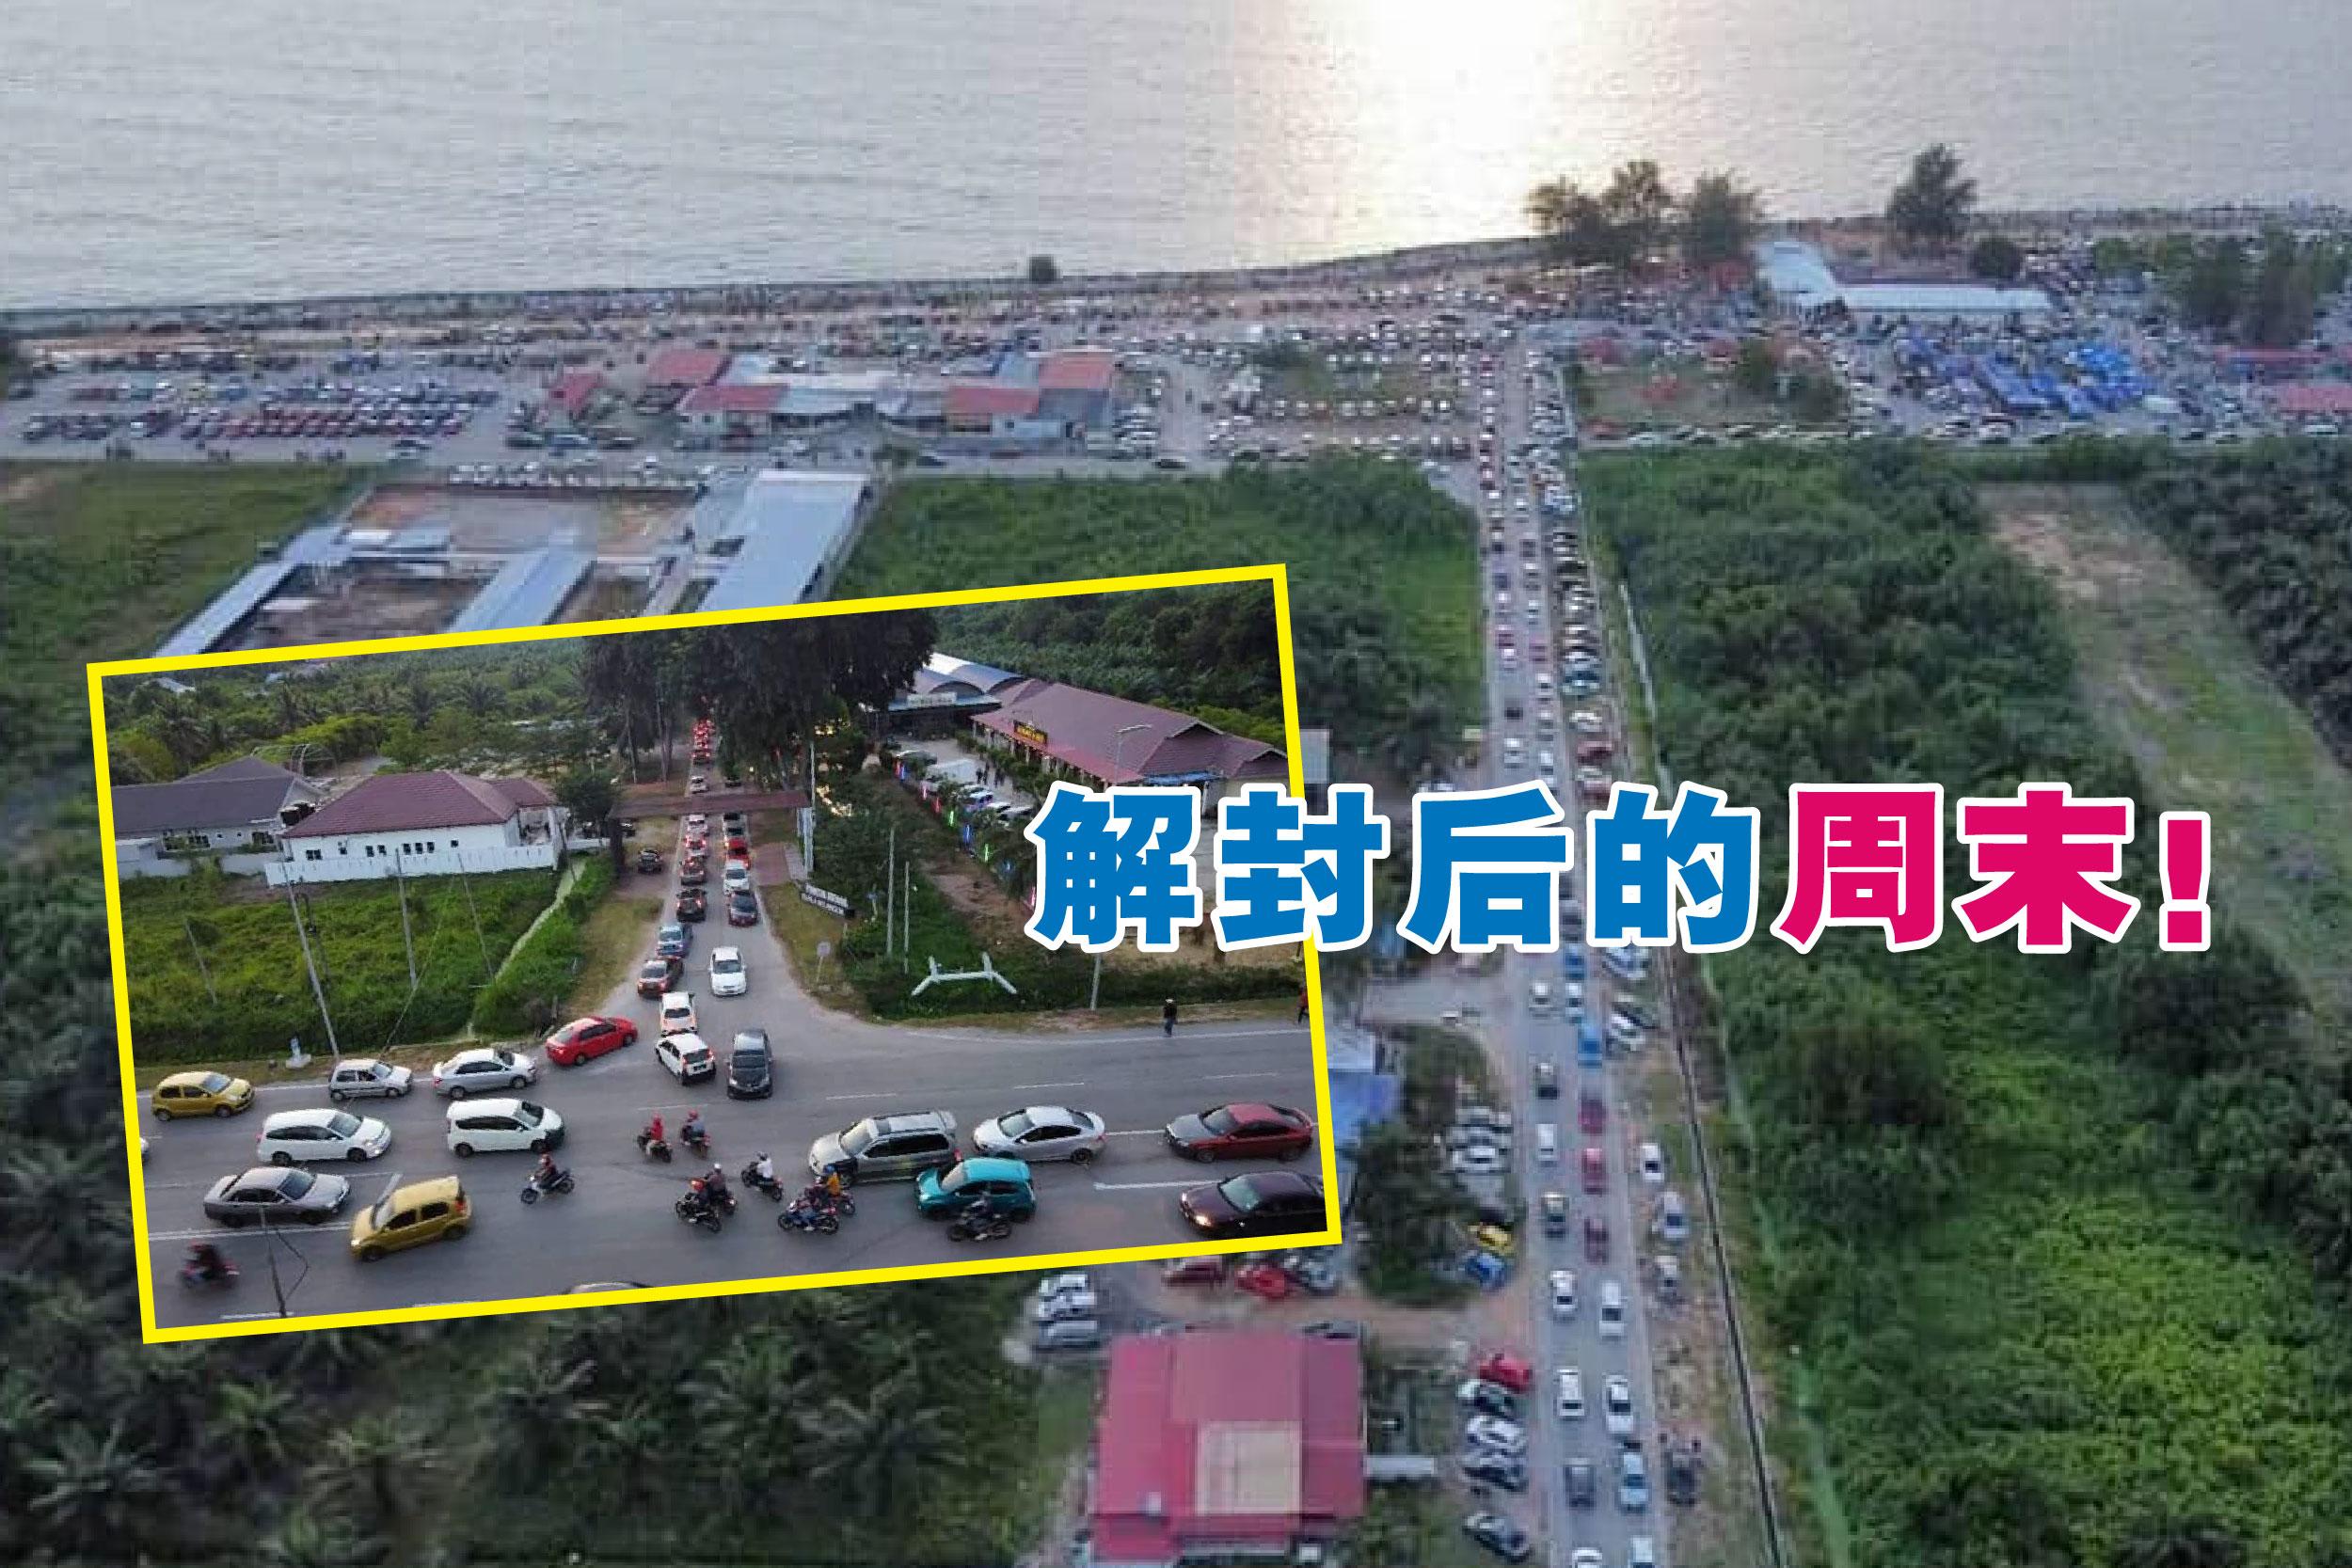 位于瓜雪惹密斯沙滩(Pantai Remis)周围的道路出现车龙。-图摘自《Love Kuala Selangor》脸书/精彩大制图-